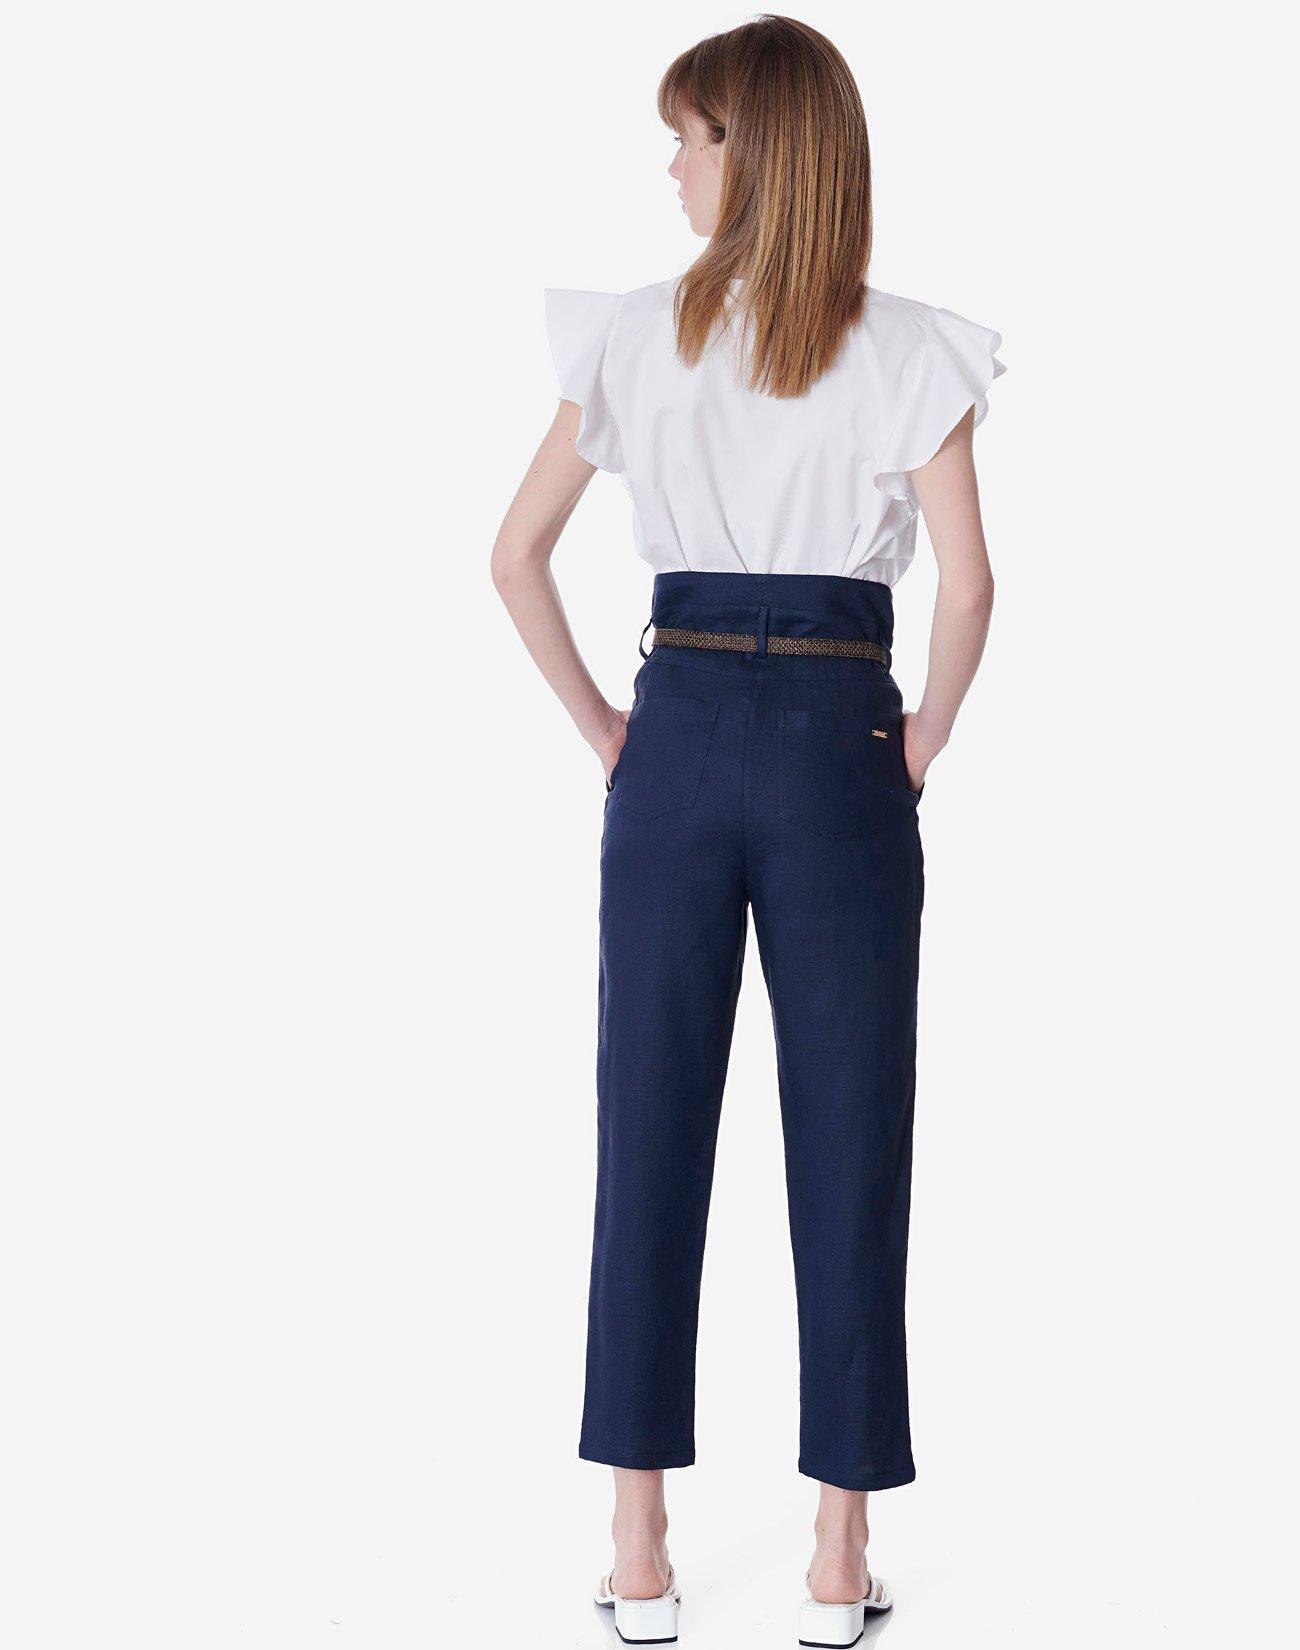 Λινό παντελόνι με πιέτες